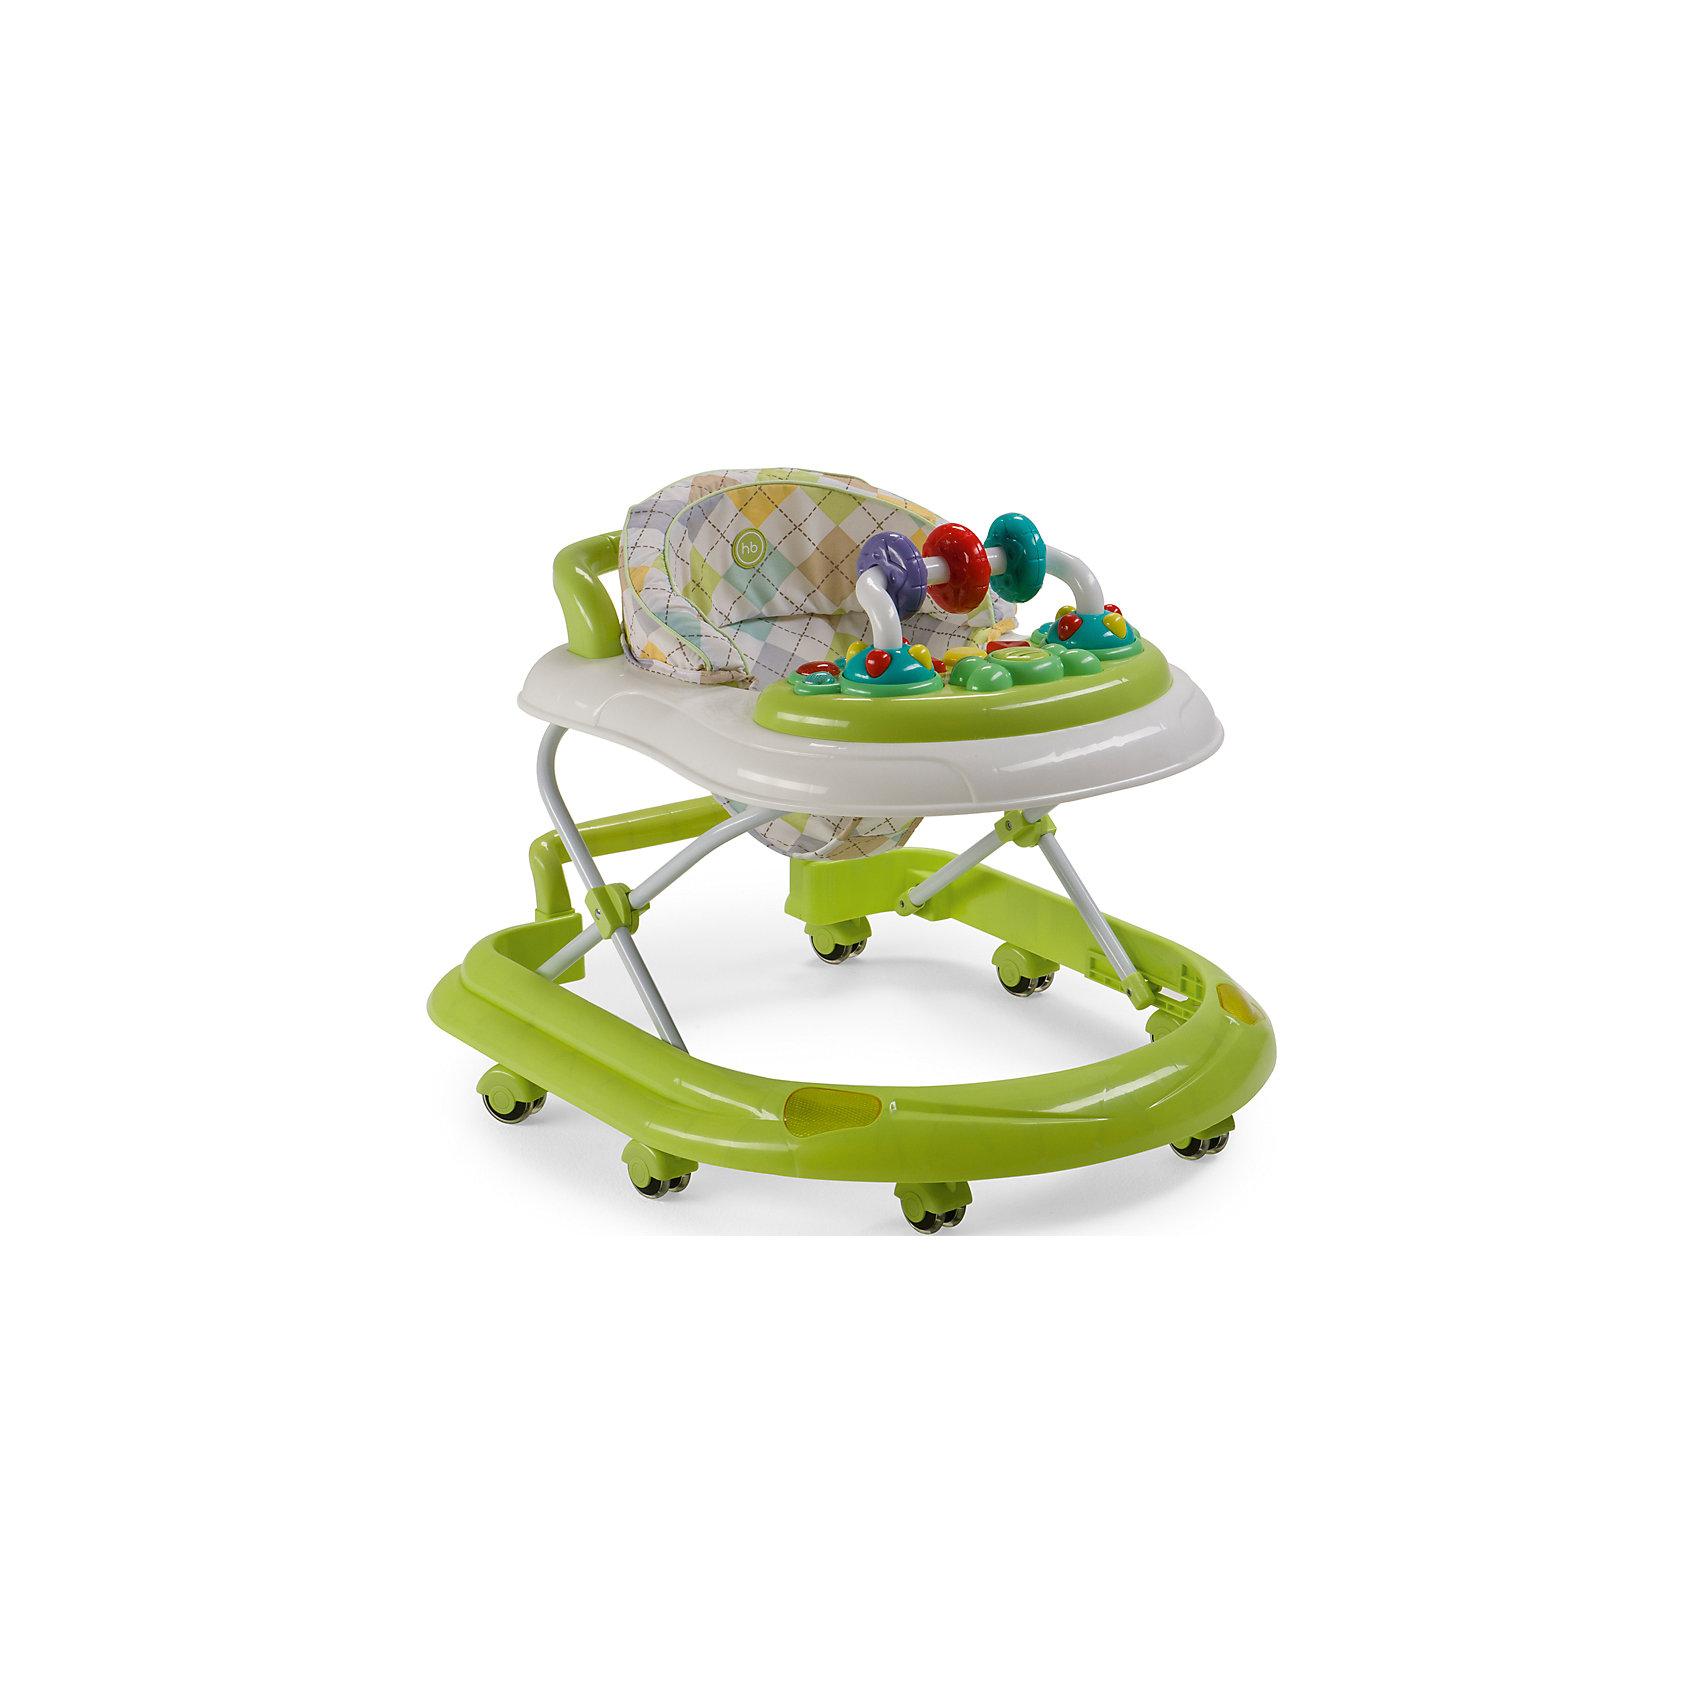 Ходунки Smiley V2, Happy Baby, зеленыйХодунки<br>Классические ходунки SMILEY V2 развивают координацию движений и помогут ребёнку научиться держать равновесие. <br><br>Мягкие цвета ходунков привлекут внимание ребенка. Игровая панель со звуковыми эффектами и игрушками поможет развить у малыша зрение, слух, хватательный рефлекс и мелкую моторику. Мягкое, удобное сиденье легко регулируется в 3-х положениях в зависимости от роста. <br><br>Ходунки SMILEY V2 оборудованы специальными силиконовыми колесами, которые не поцарапают напольное покрытие. Игровая панель работает от 2-х пальчиковых батареек (тип АА).<br><br>Дополнительная информация::<br><br>- Максимальный вес ребенка: 12 кг<br>- Вес ходунков: 3,5 кг<br>- Габариты в сложенном виде ДхШхВ: 70х59,5х30 см<br>- Габариты в разложенном виде ДхШхВ: 70х59,5х54 см<br>- Регулируемое сиденье: да<br>- Регулируются по высоте, 3 положения<br>- Развивают координацию движений<br>- Учат ребенка держать равновесие<br>- На задней части ходунков расположена ручка, которая позволяет использовать их в качестве каталки<br>- Силиконовые колеса, 8 шт<br>- Съемная игровая панель со звуковыми и световыми эффектами: <br>   12 мелодий<br>- Развивающие игрушки механически вращаются<br>- Для работы игровой панели необходимо 2 батарейки типа АА<br><br>Ходунки Smiley V2, Happy Baby, зеленый можно купить в нашем магазине.<br><br>Ширина мм: 300<br>Глубина мм: 595<br>Высота мм: 700<br>Вес г: 17000<br>Цвет: зеленый<br>Возраст от месяцев: 7<br>Возраст до месяцев: 15<br>Пол: Унисекс<br>Возраст: Детский<br>SKU: 4715785